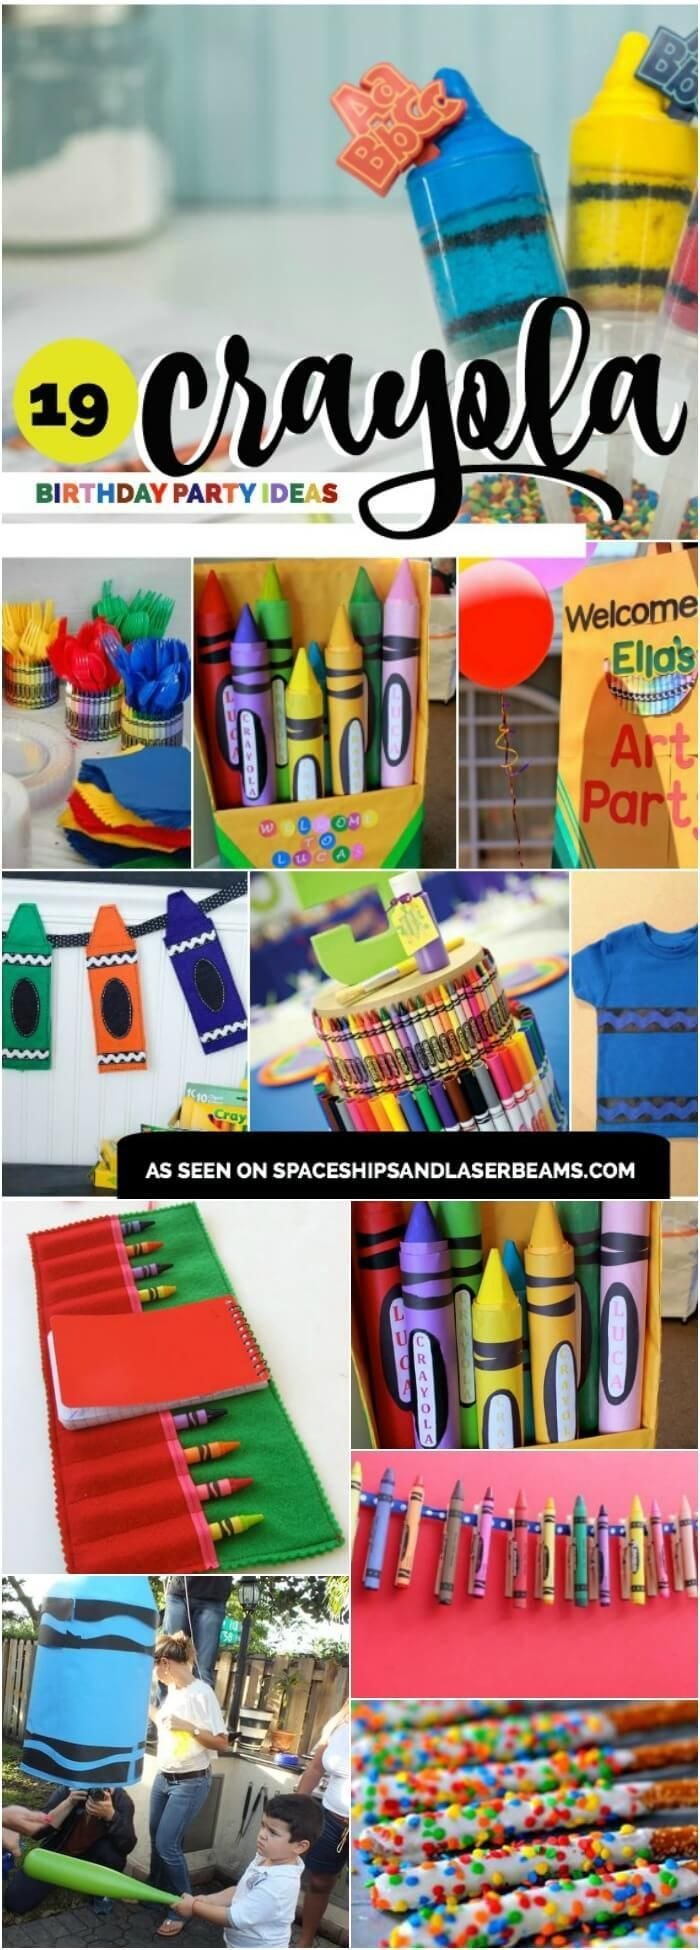 19 Creative Crayola Crayon Party Ideas via /spaceshipslb/